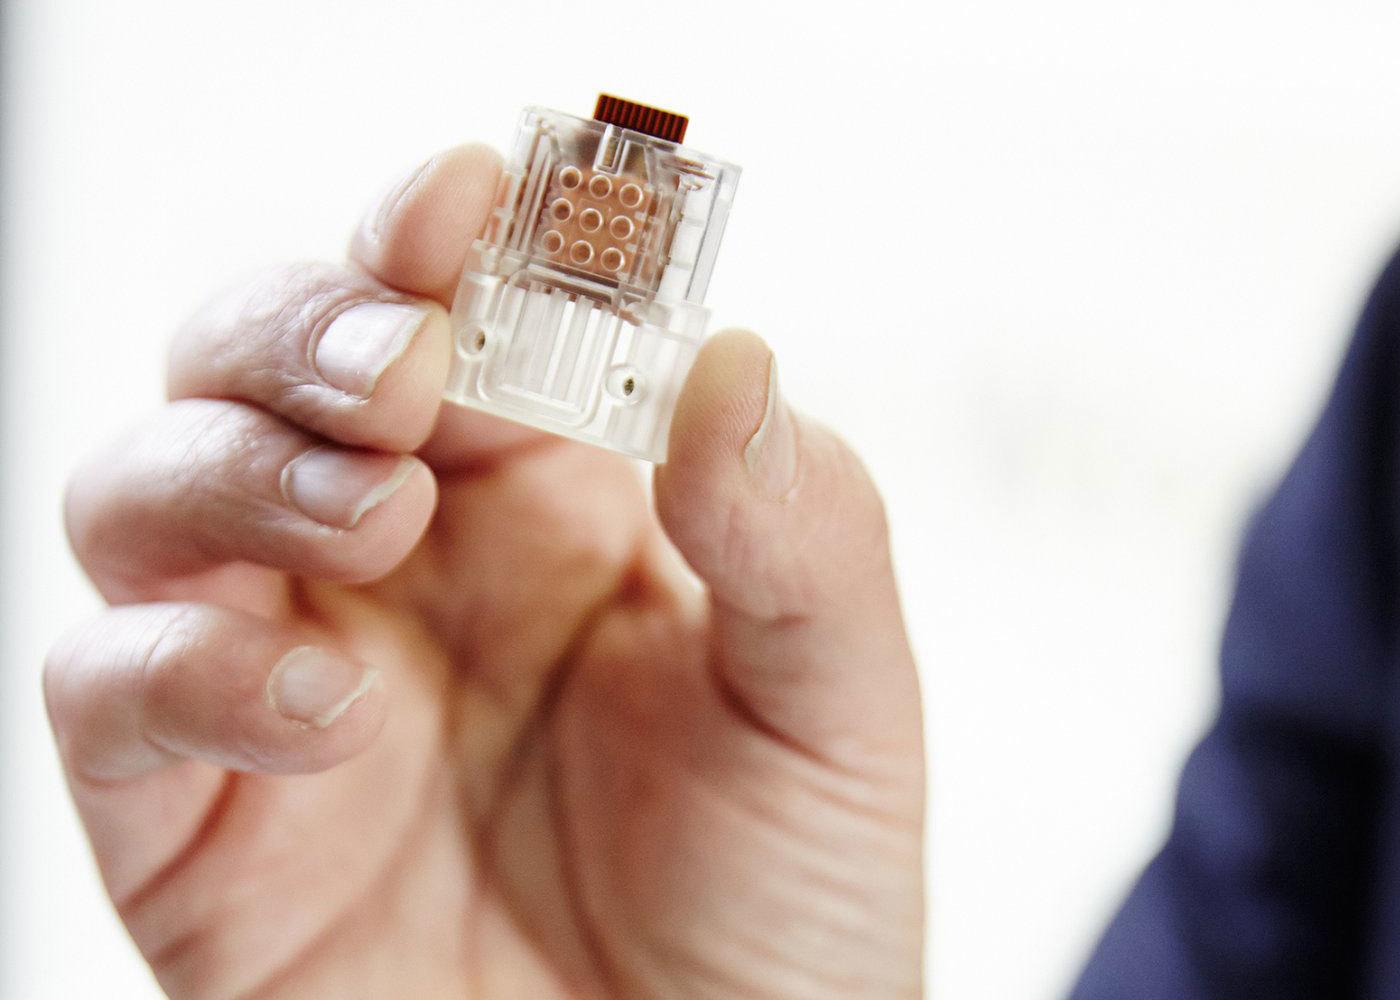 Прорыв в борьбе с ВИЧ: новое антитело блокирует 98% всех известных штаммов вируса - 2